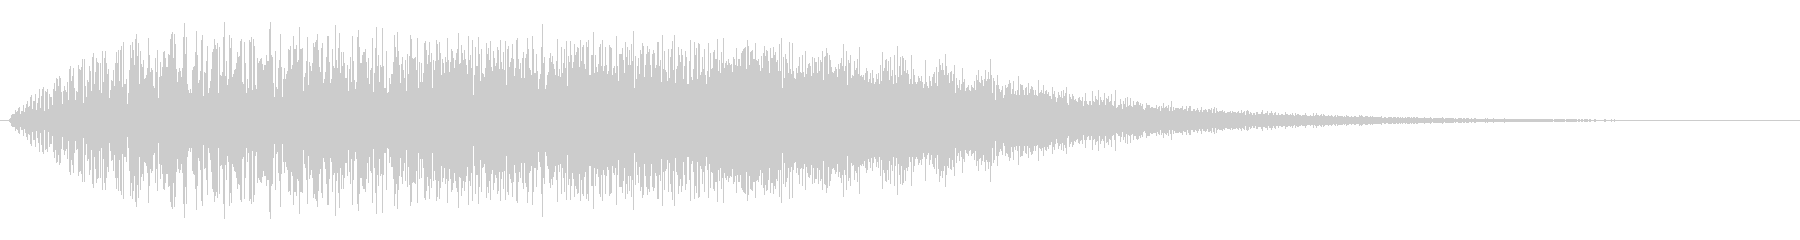 ギュイーン(ビブラフォン系の音)の未再生の波形